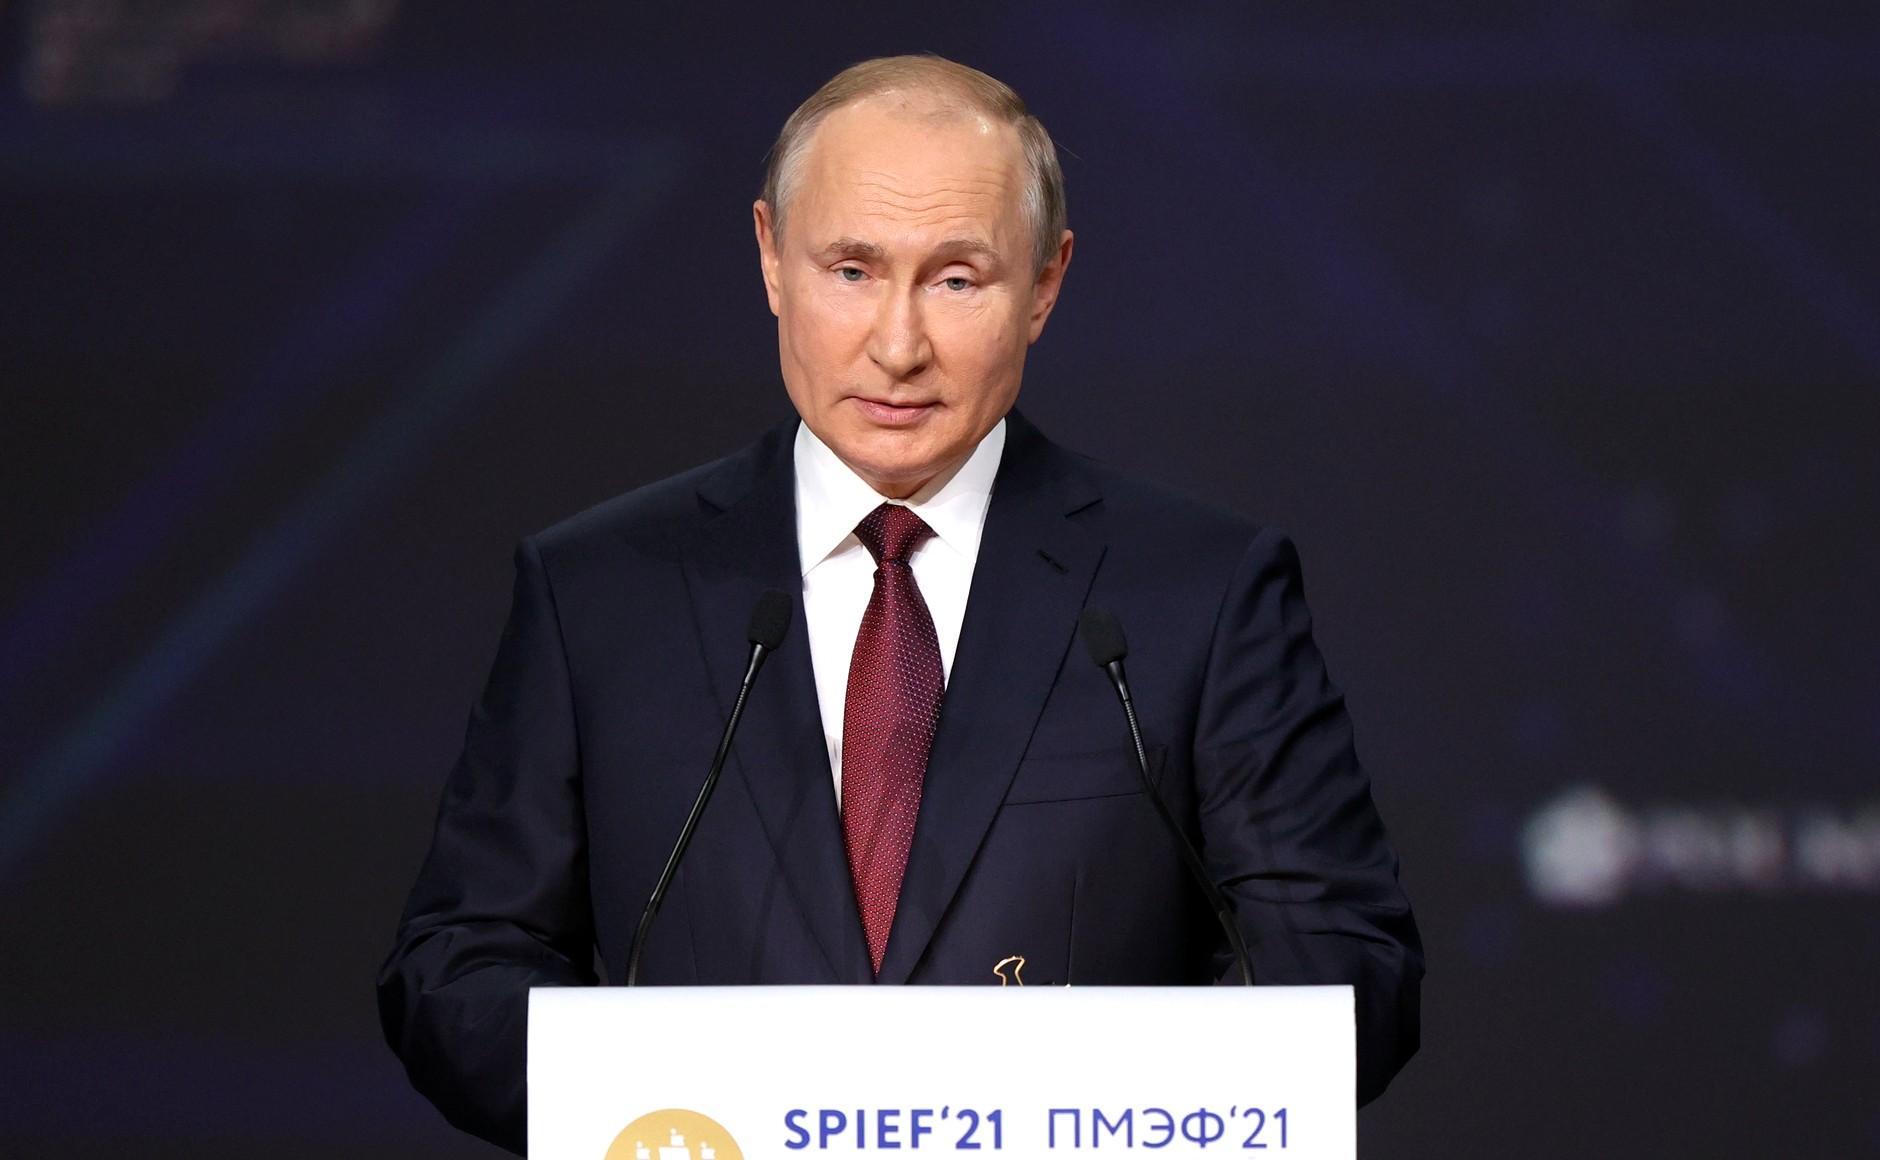 ПМЭФ-21: Игорь Руденя принял участие в пленарном заседании форума